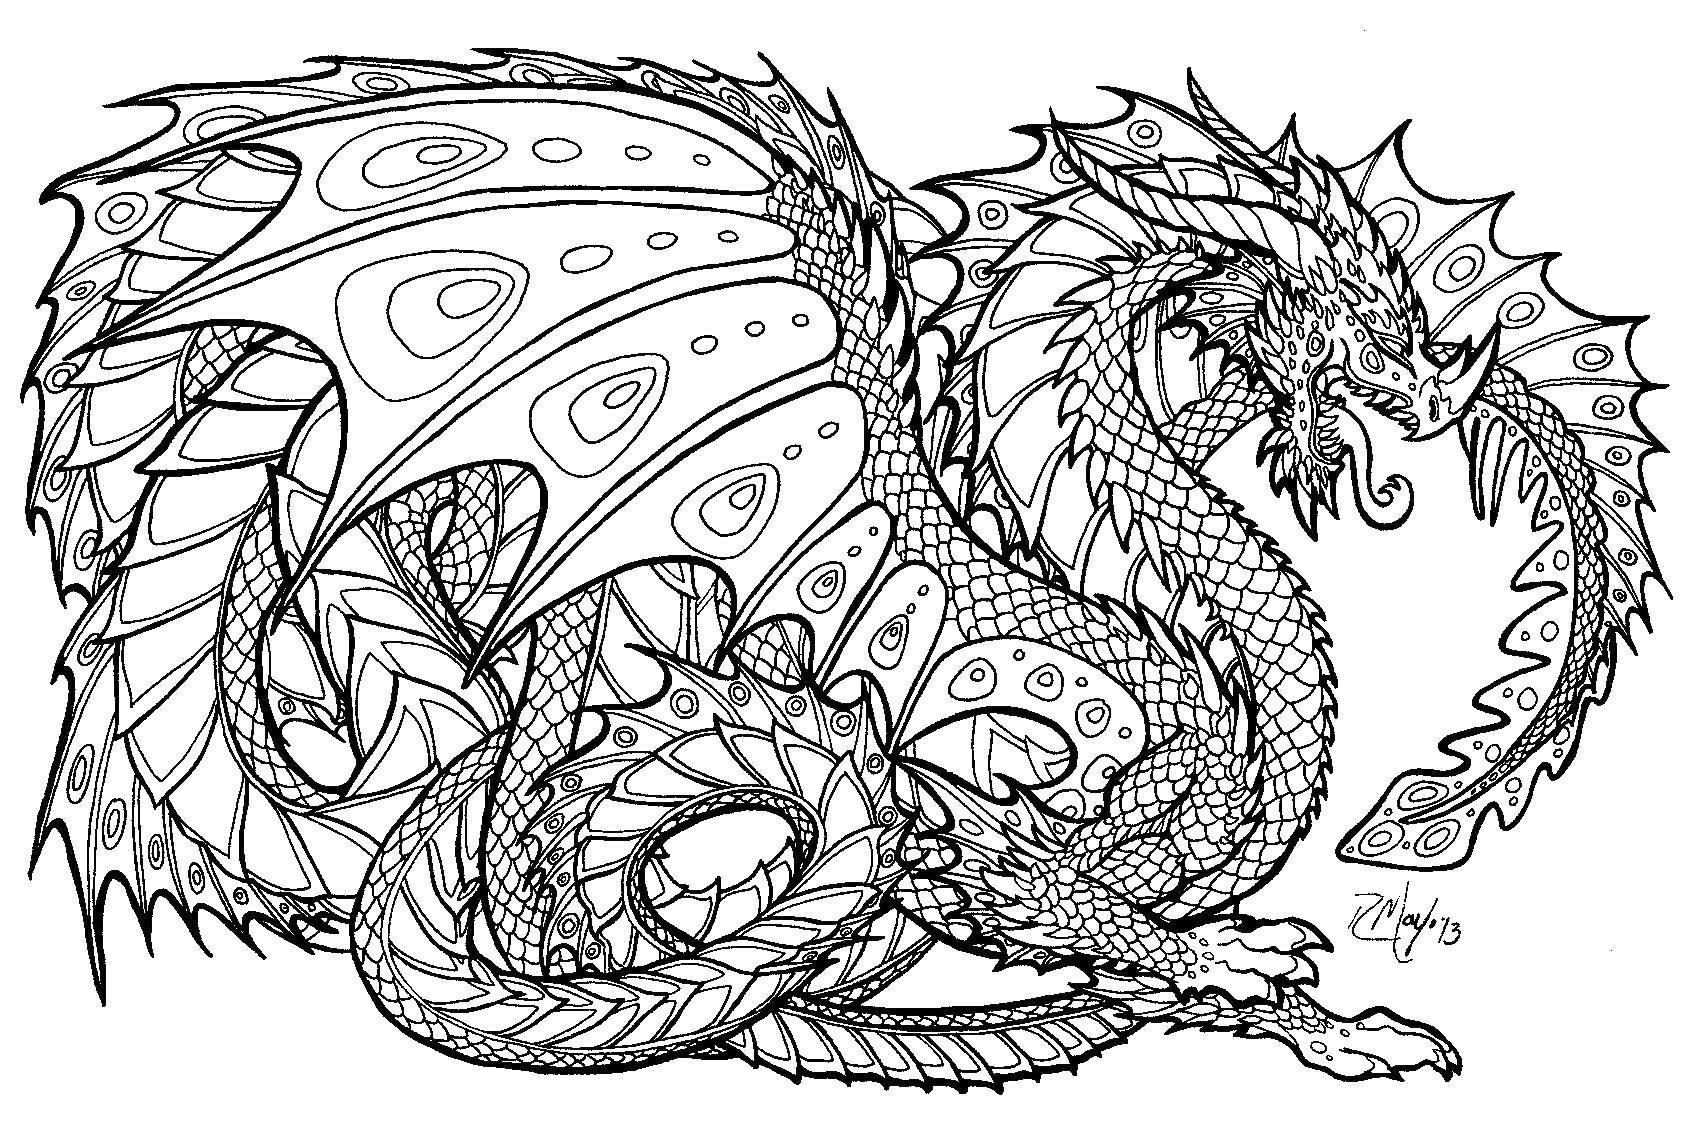 Раскраска Летающий дракон и узоры. Скачать дракон, крылья, узоры.  Распечатать ,дракон,